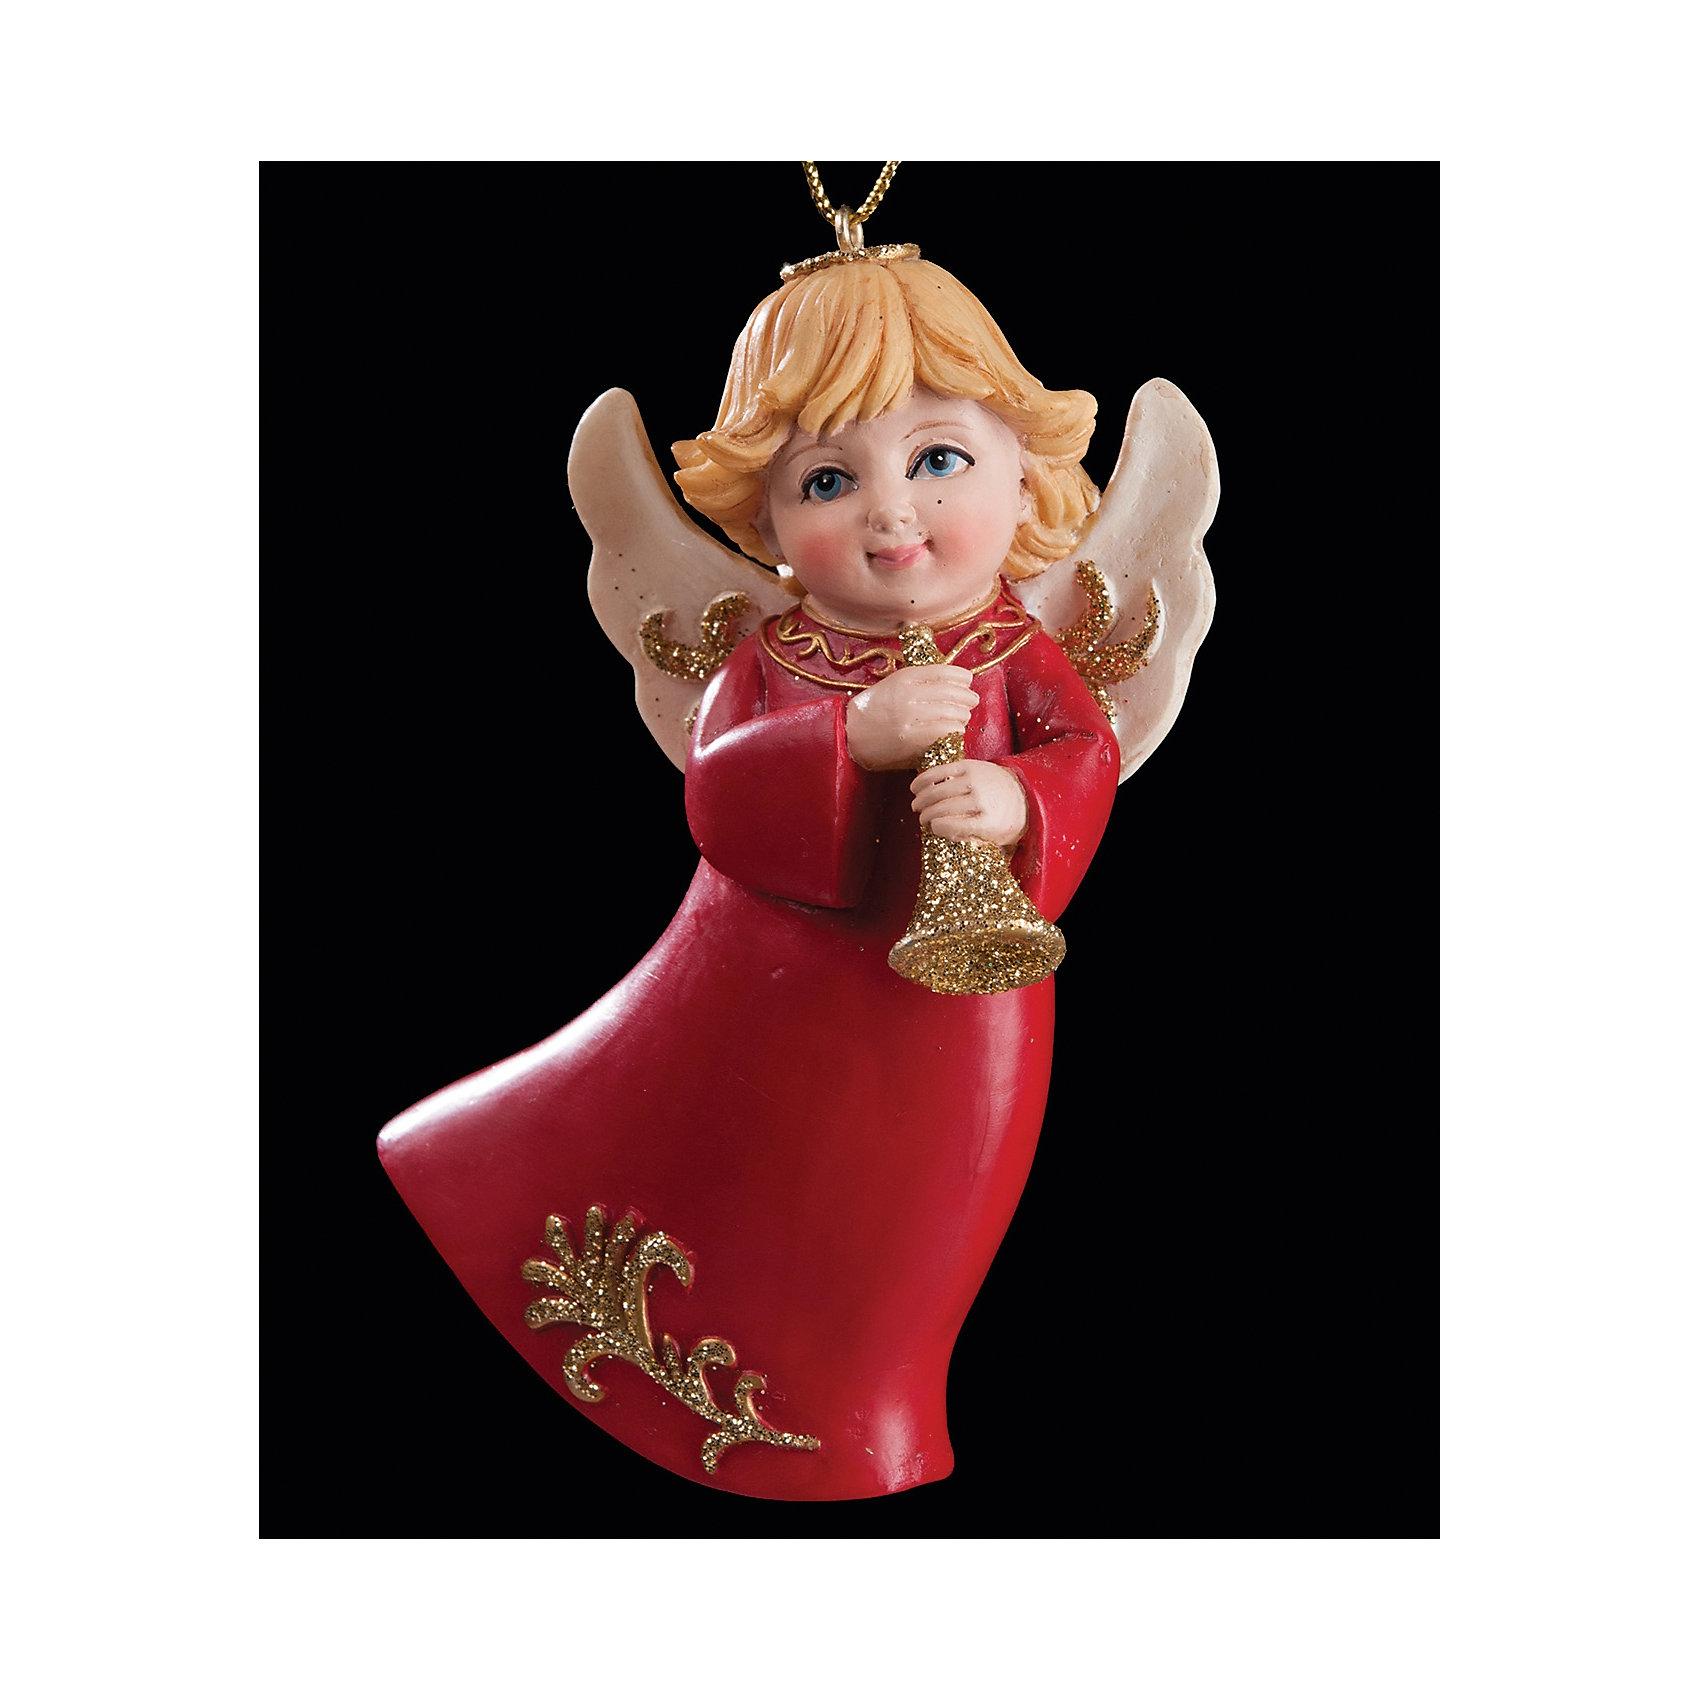 Украшение Ангел музыки 9 смУкрашение Ангел музыки 9 см выполнено в виде златовласого ангела с позолоченной дудочкой. Фантазия и чудесное украшение «Ангел музыки» помогут Вам вдохнуть яркий новогодний дух в свой дом!<br><br>Дополнительная информация:<br>-Материалы: полирезина, глиттер (блестки)<br>-Размер в упаковке: 5х5х9 см<br>-Вес в упаковке: 69 г<br>-Размер: 9 см<br><br>Украшение Ангел музыки 9 см можно купить в нашем магазине.<br><br>Ширина мм: 50<br>Глубина мм: 20<br>Высота мм: 90<br>Вес г: 69<br>Возраст от месяцев: 84<br>Возраст до месяцев: 2147483647<br>Пол: Унисекс<br>Возраст: Детский<br>SKU: 4286681